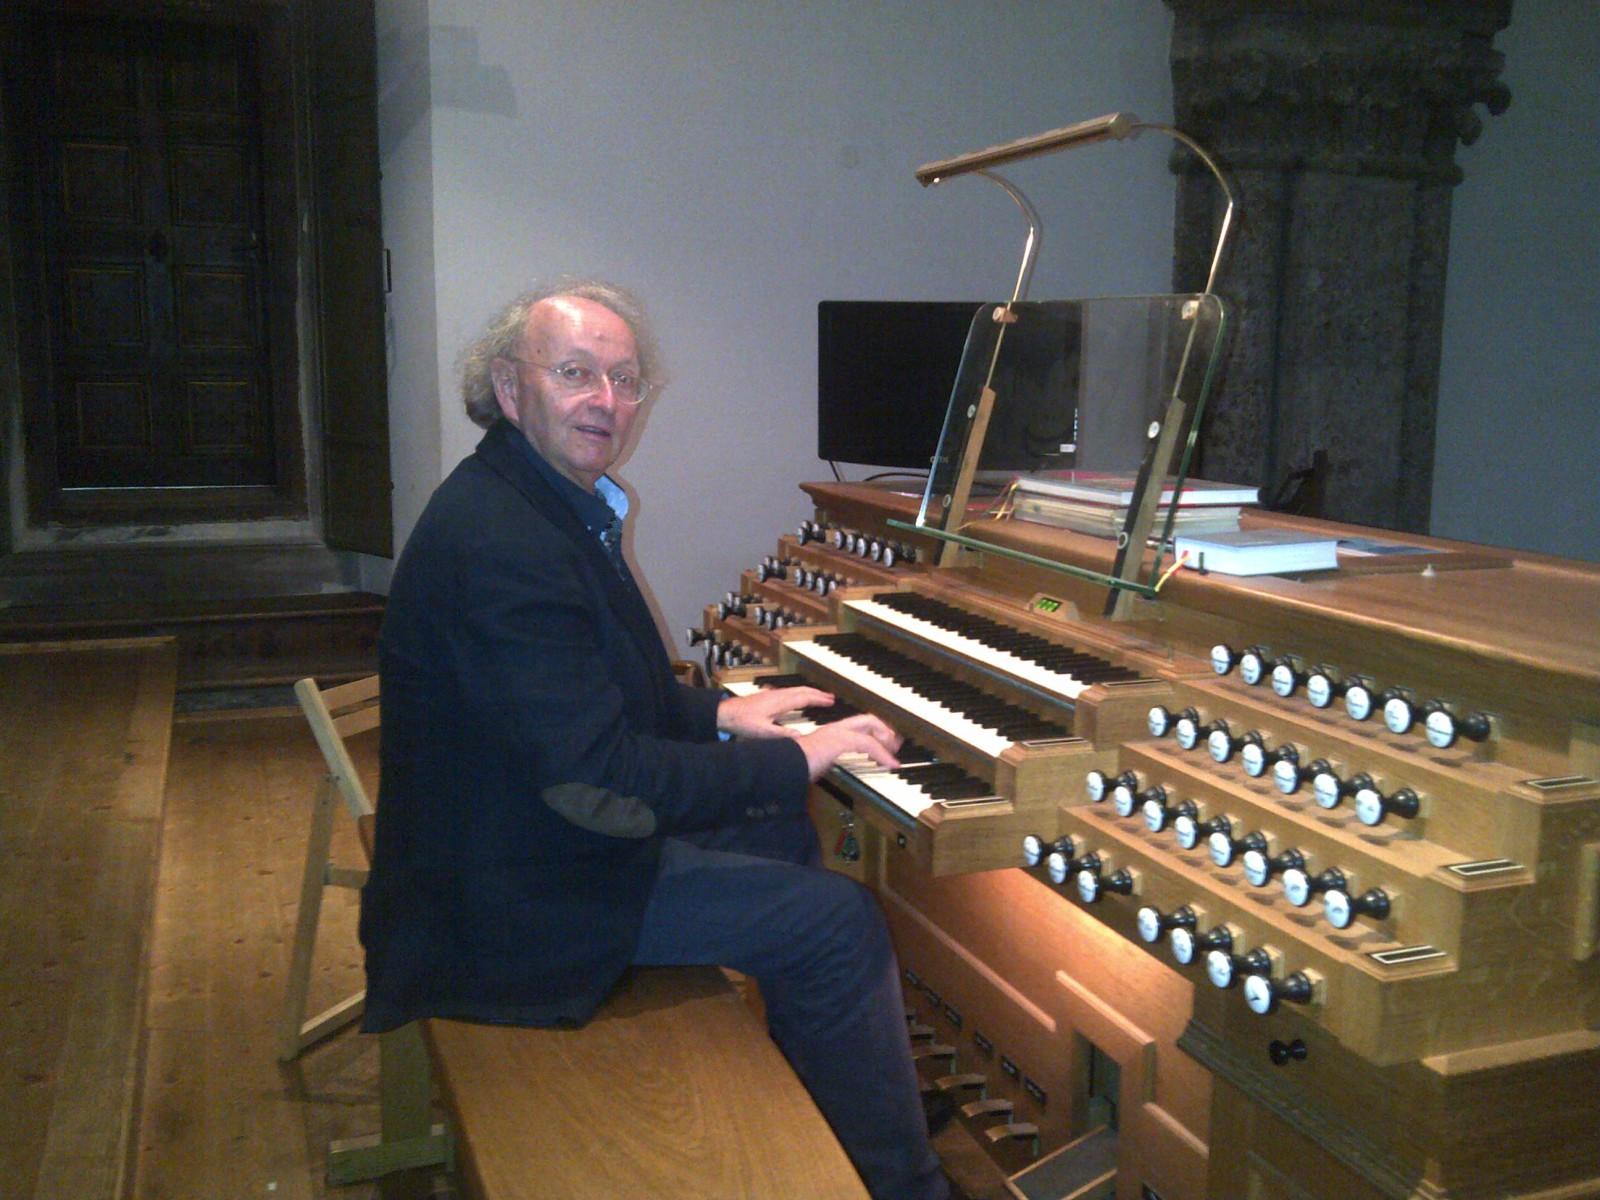 Bernhard Gfrerer an der Heilig-Geist-Orgel in der Franziskanerkirche